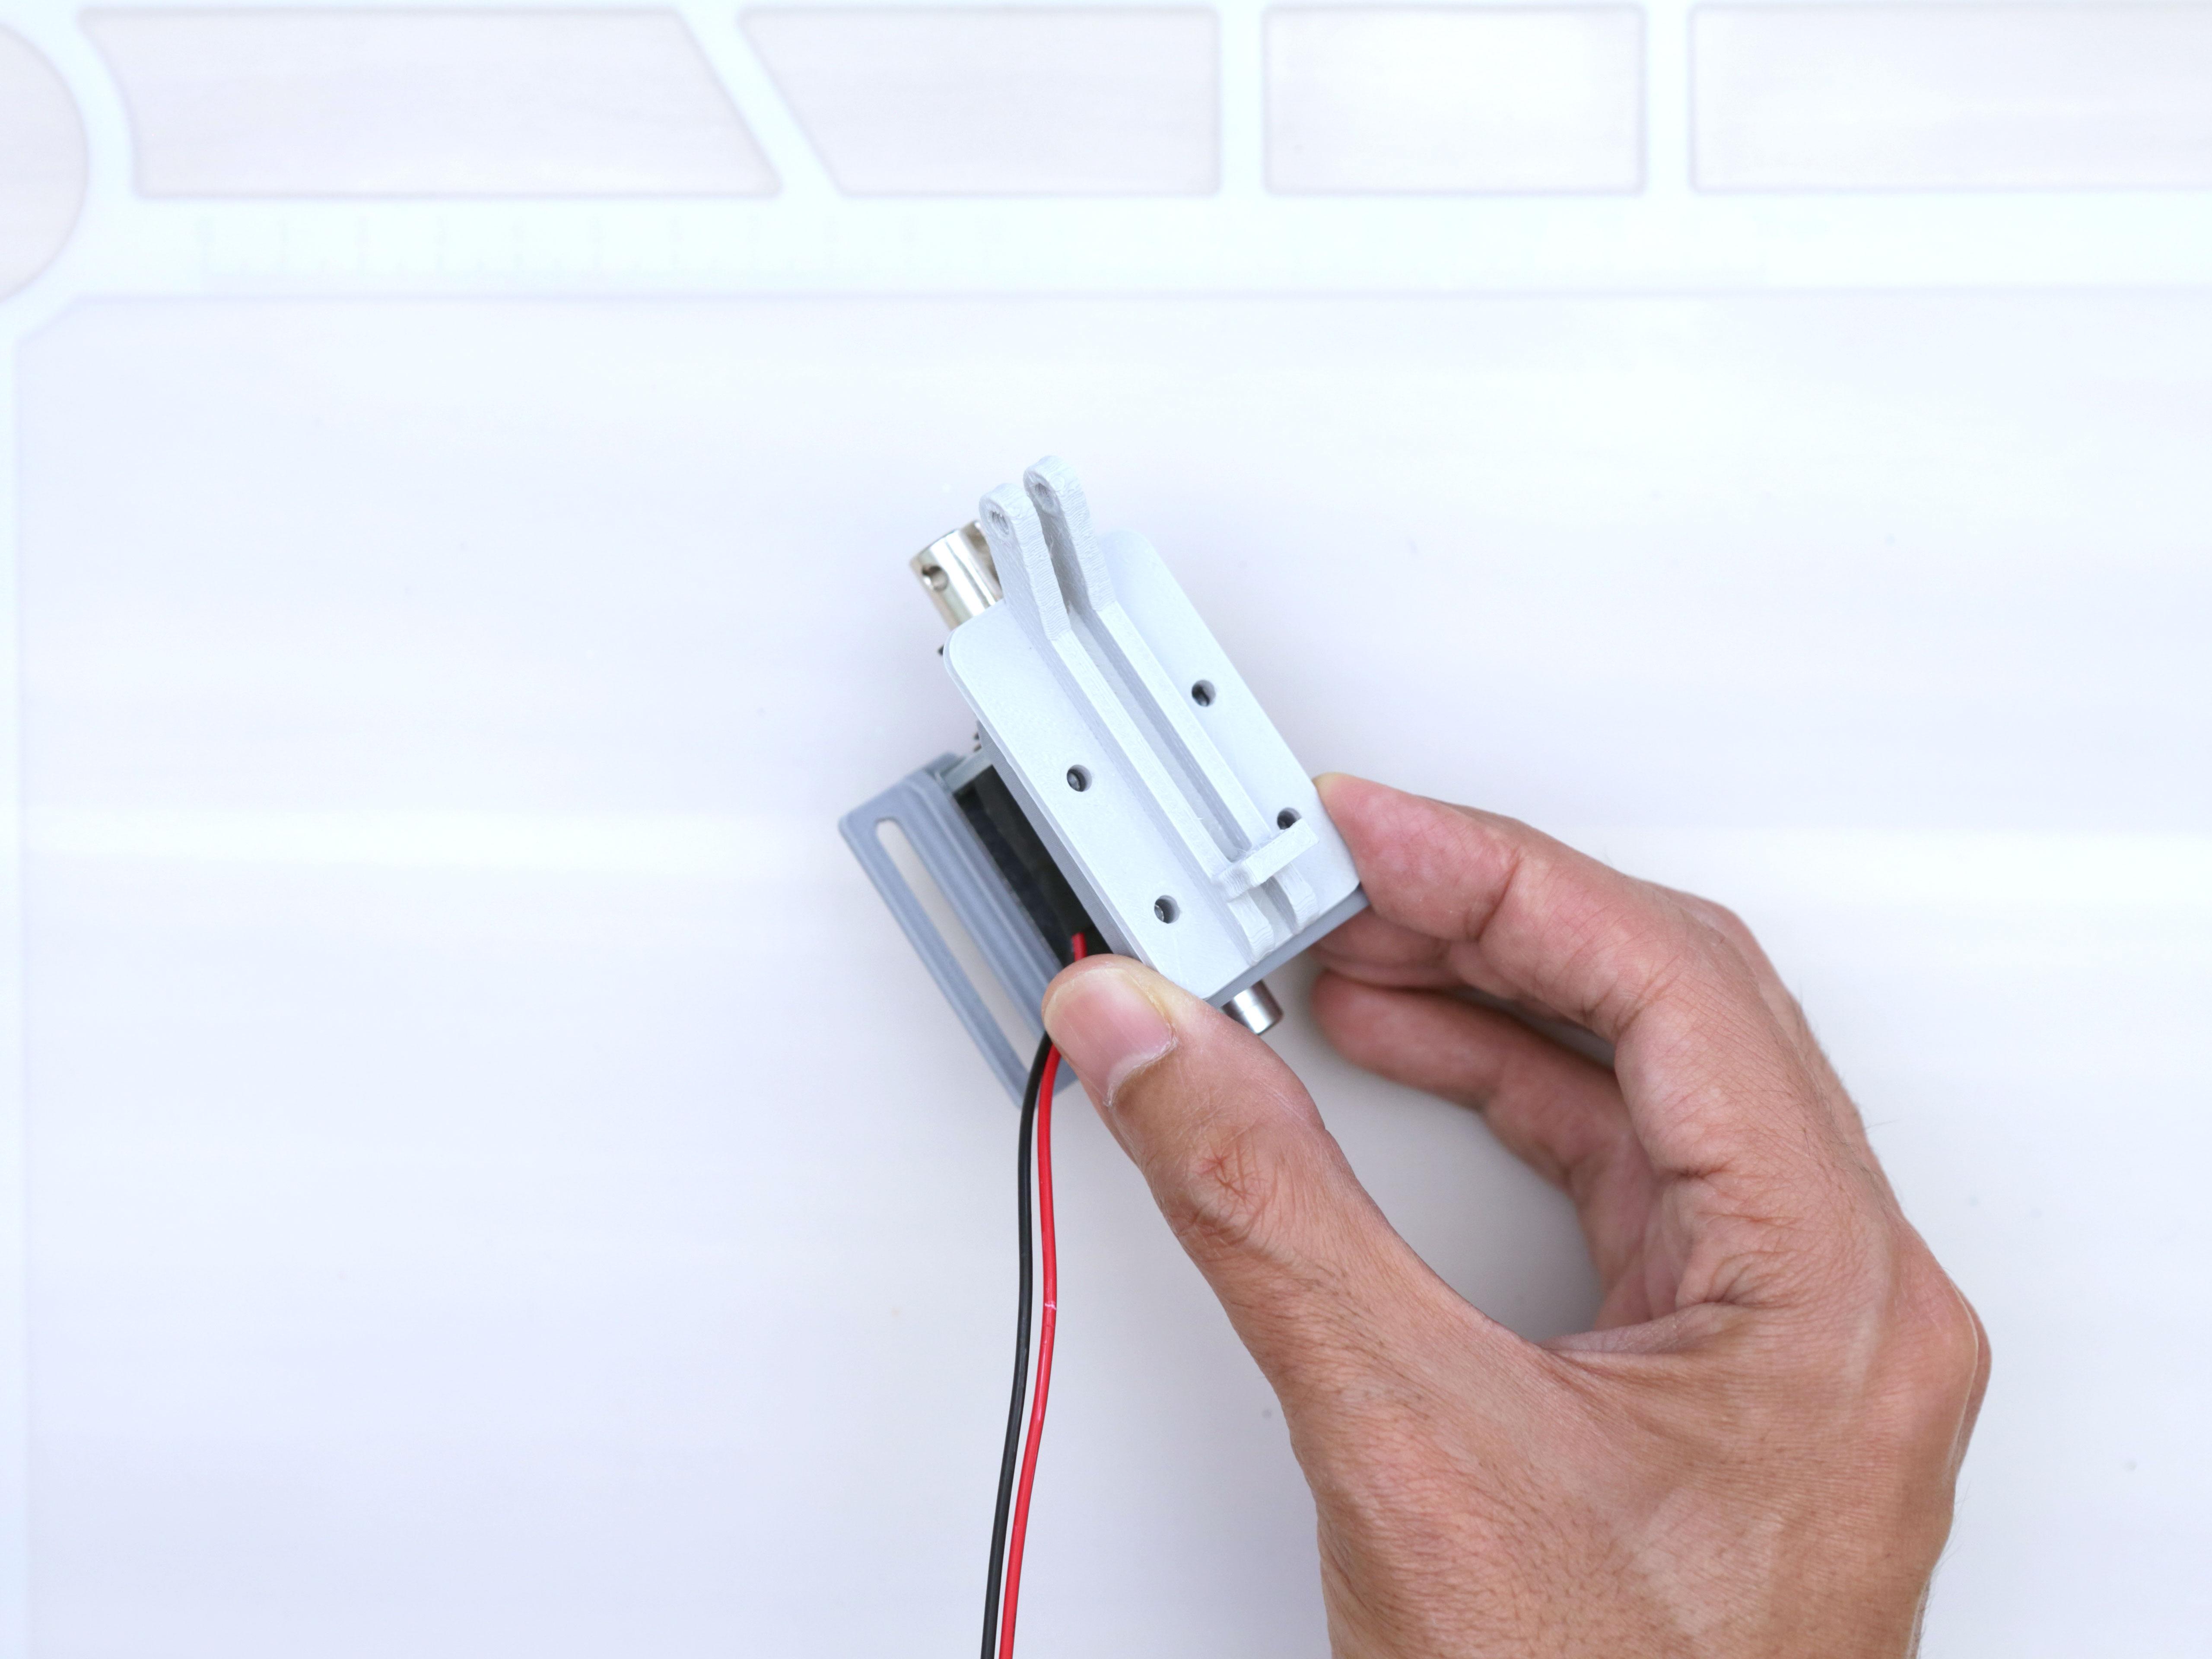 3d_printing_noid-holder-bracket-install.jpg